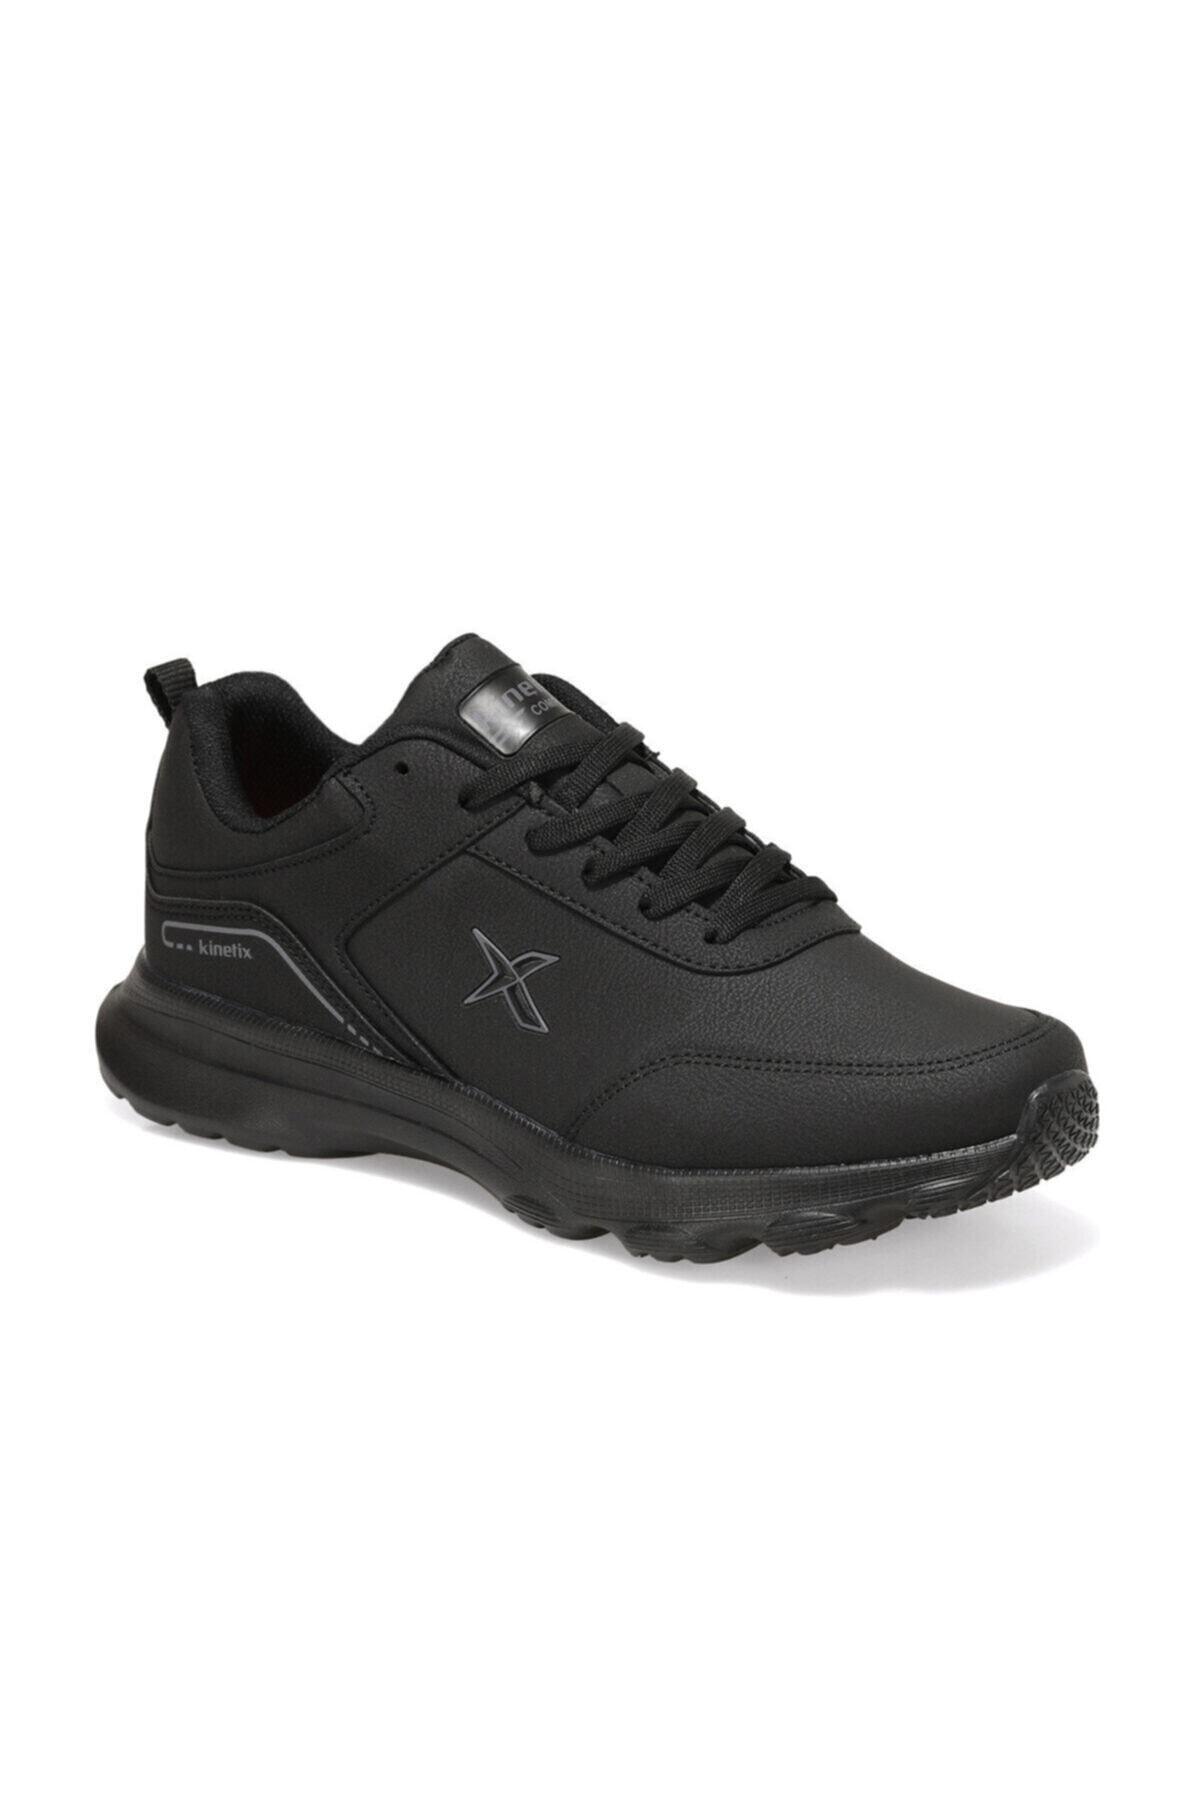 کفش مخصوص پیاده روی مردانه مدل 2020 برند کینتیکس kinetix رنگ مشکی کد ty58750100